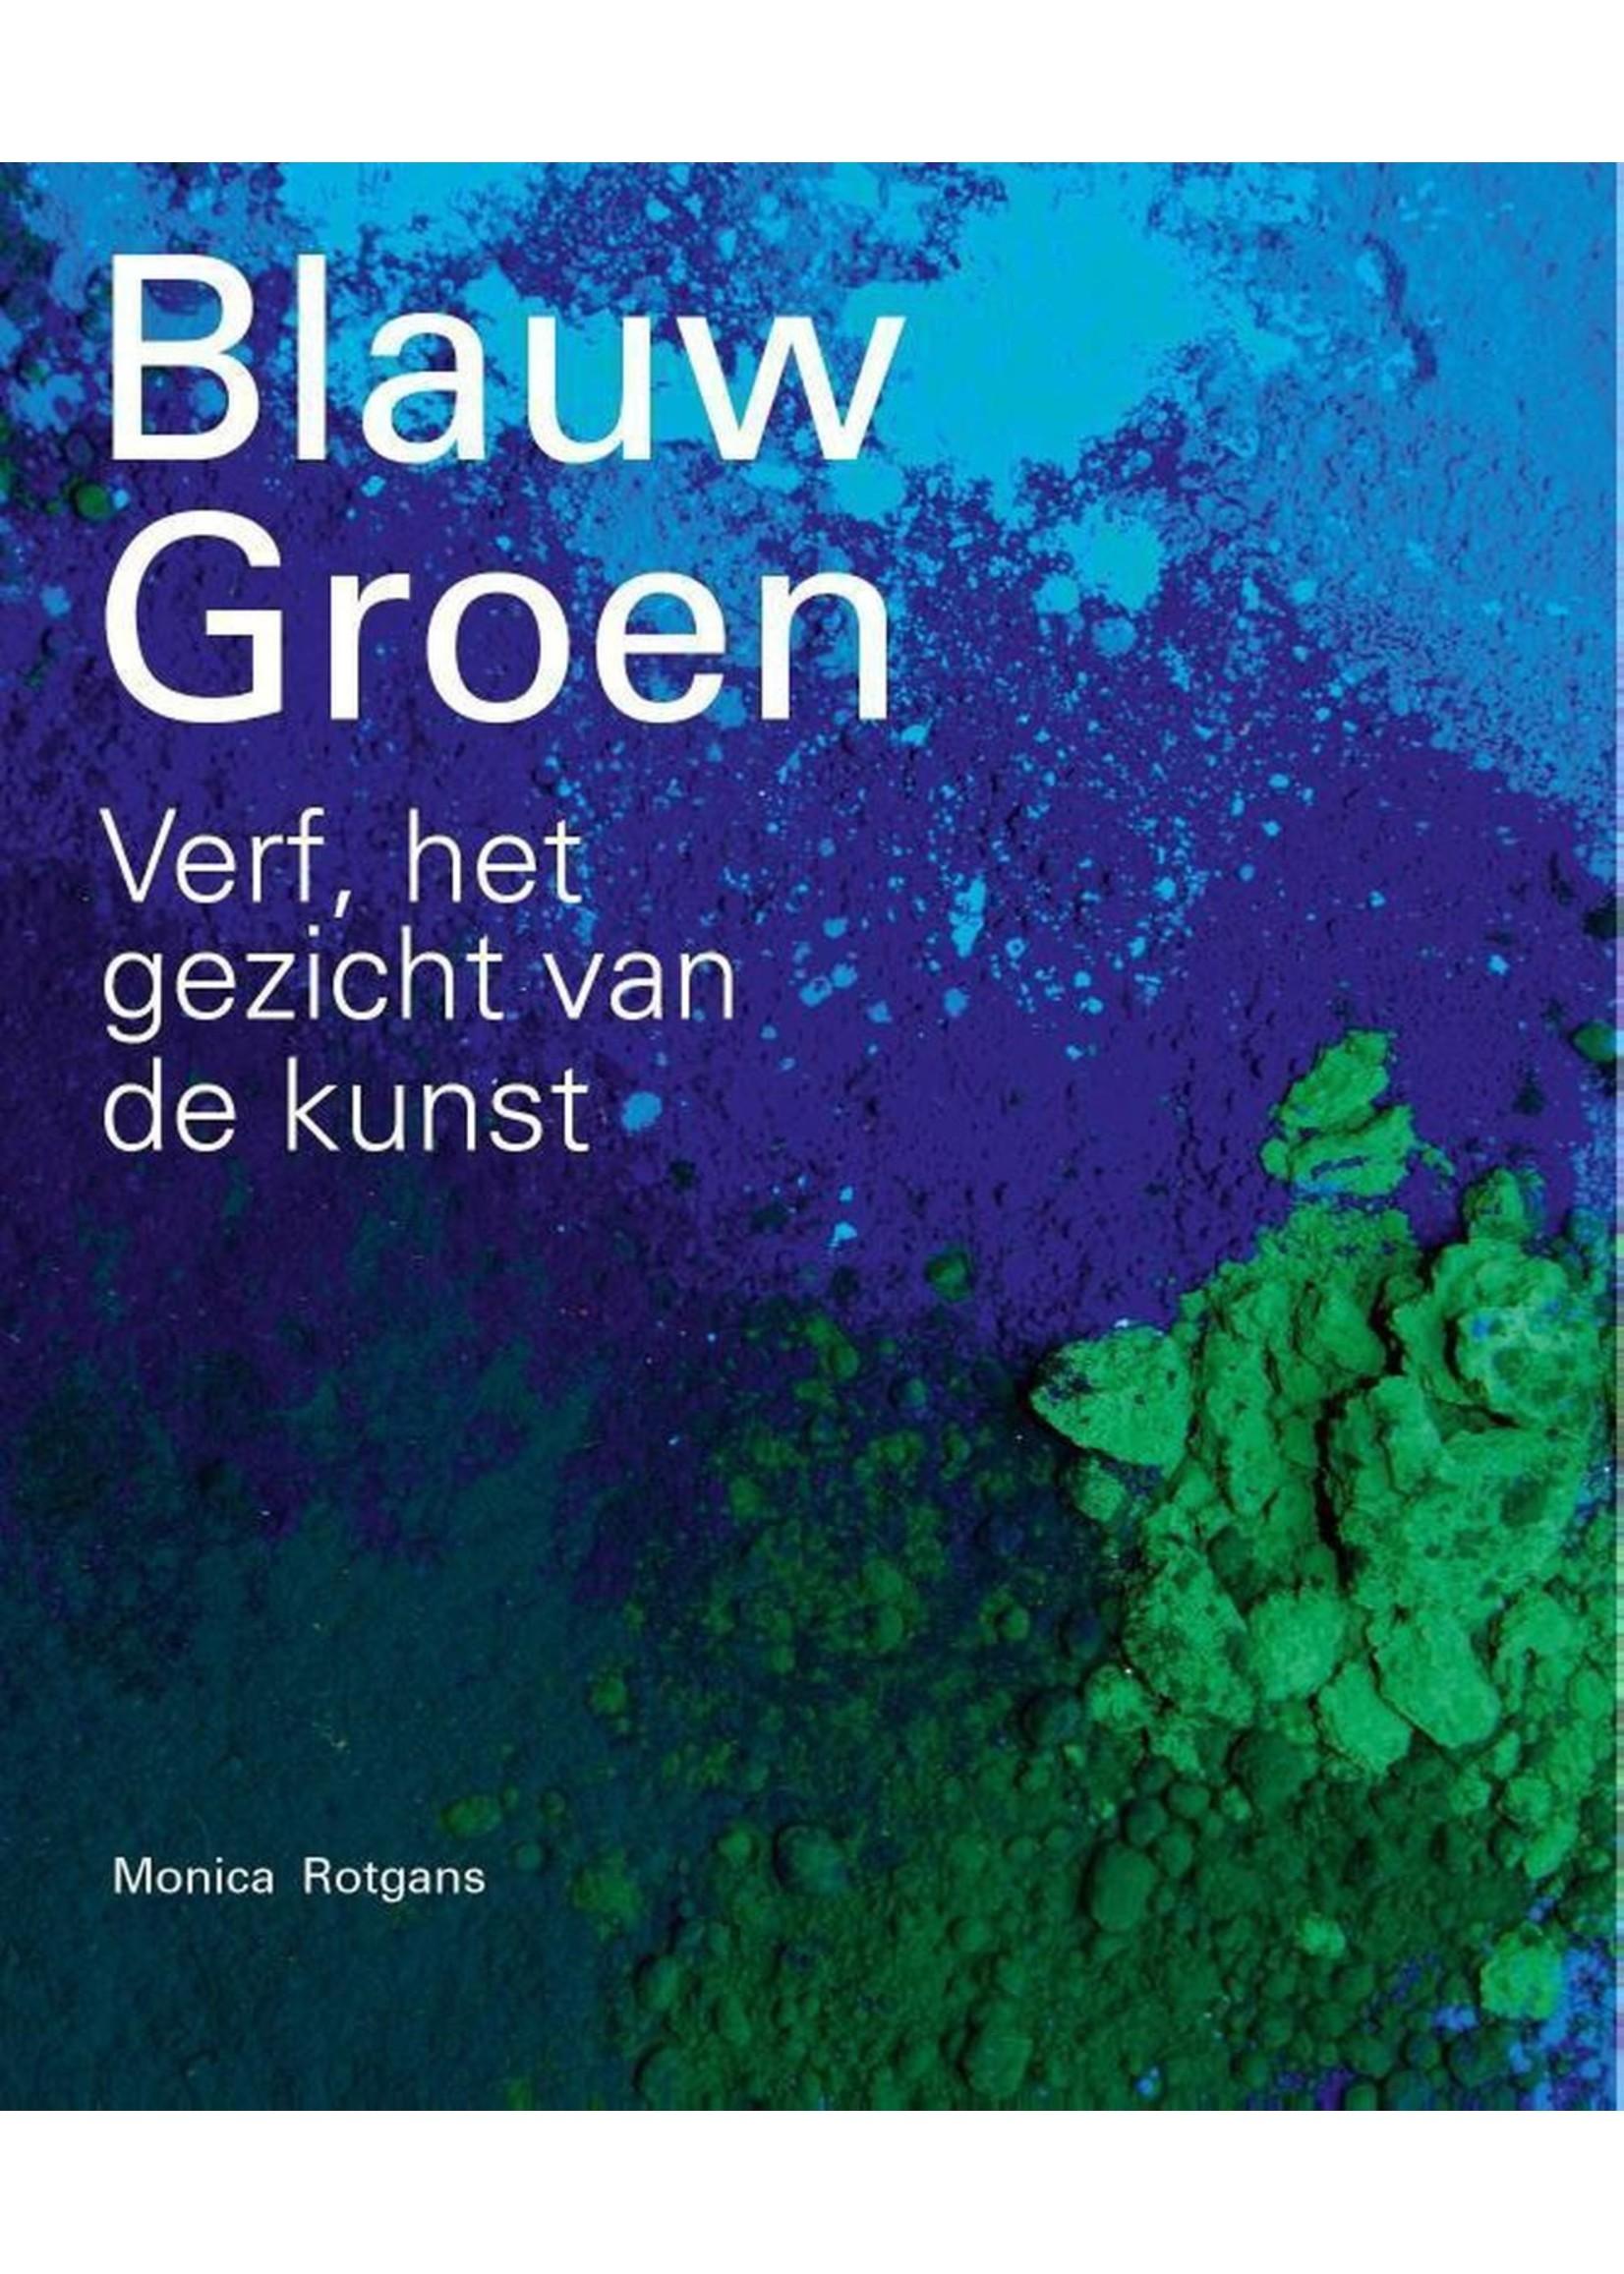 Blauw groen Verf, het gezicht van de kunst